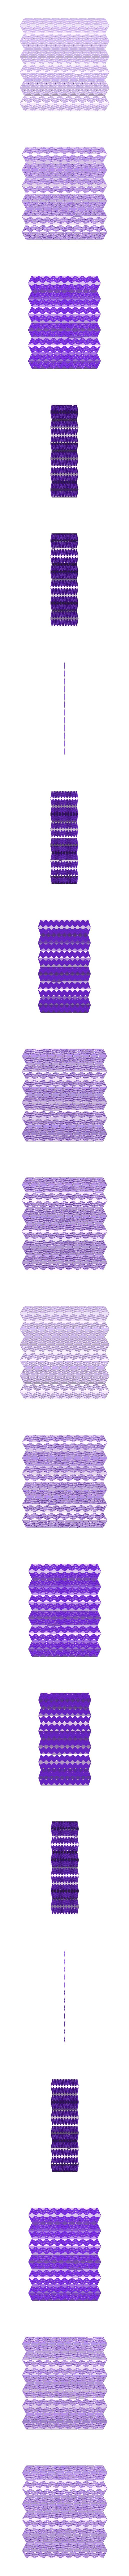 Triangle_full.stl Télécharger fichier STL gratuit Triangles (sur tissu) • Objet pour impression 3D, 3DPrintNovesia